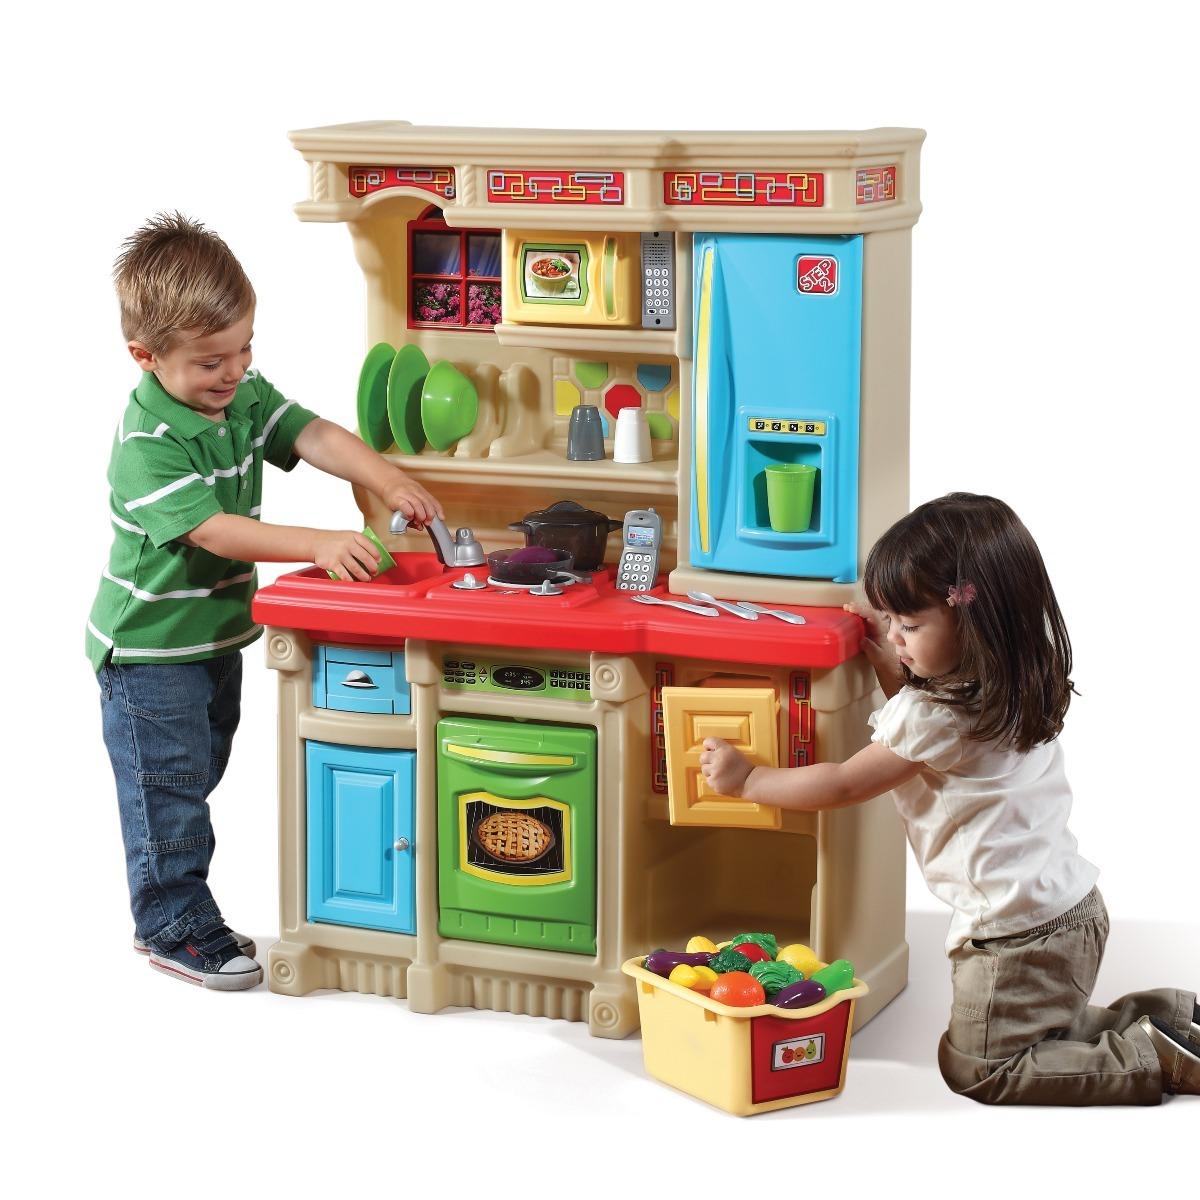 Cocina de juguete cocinita ni os juego infantil ni o for Cocina de juguete